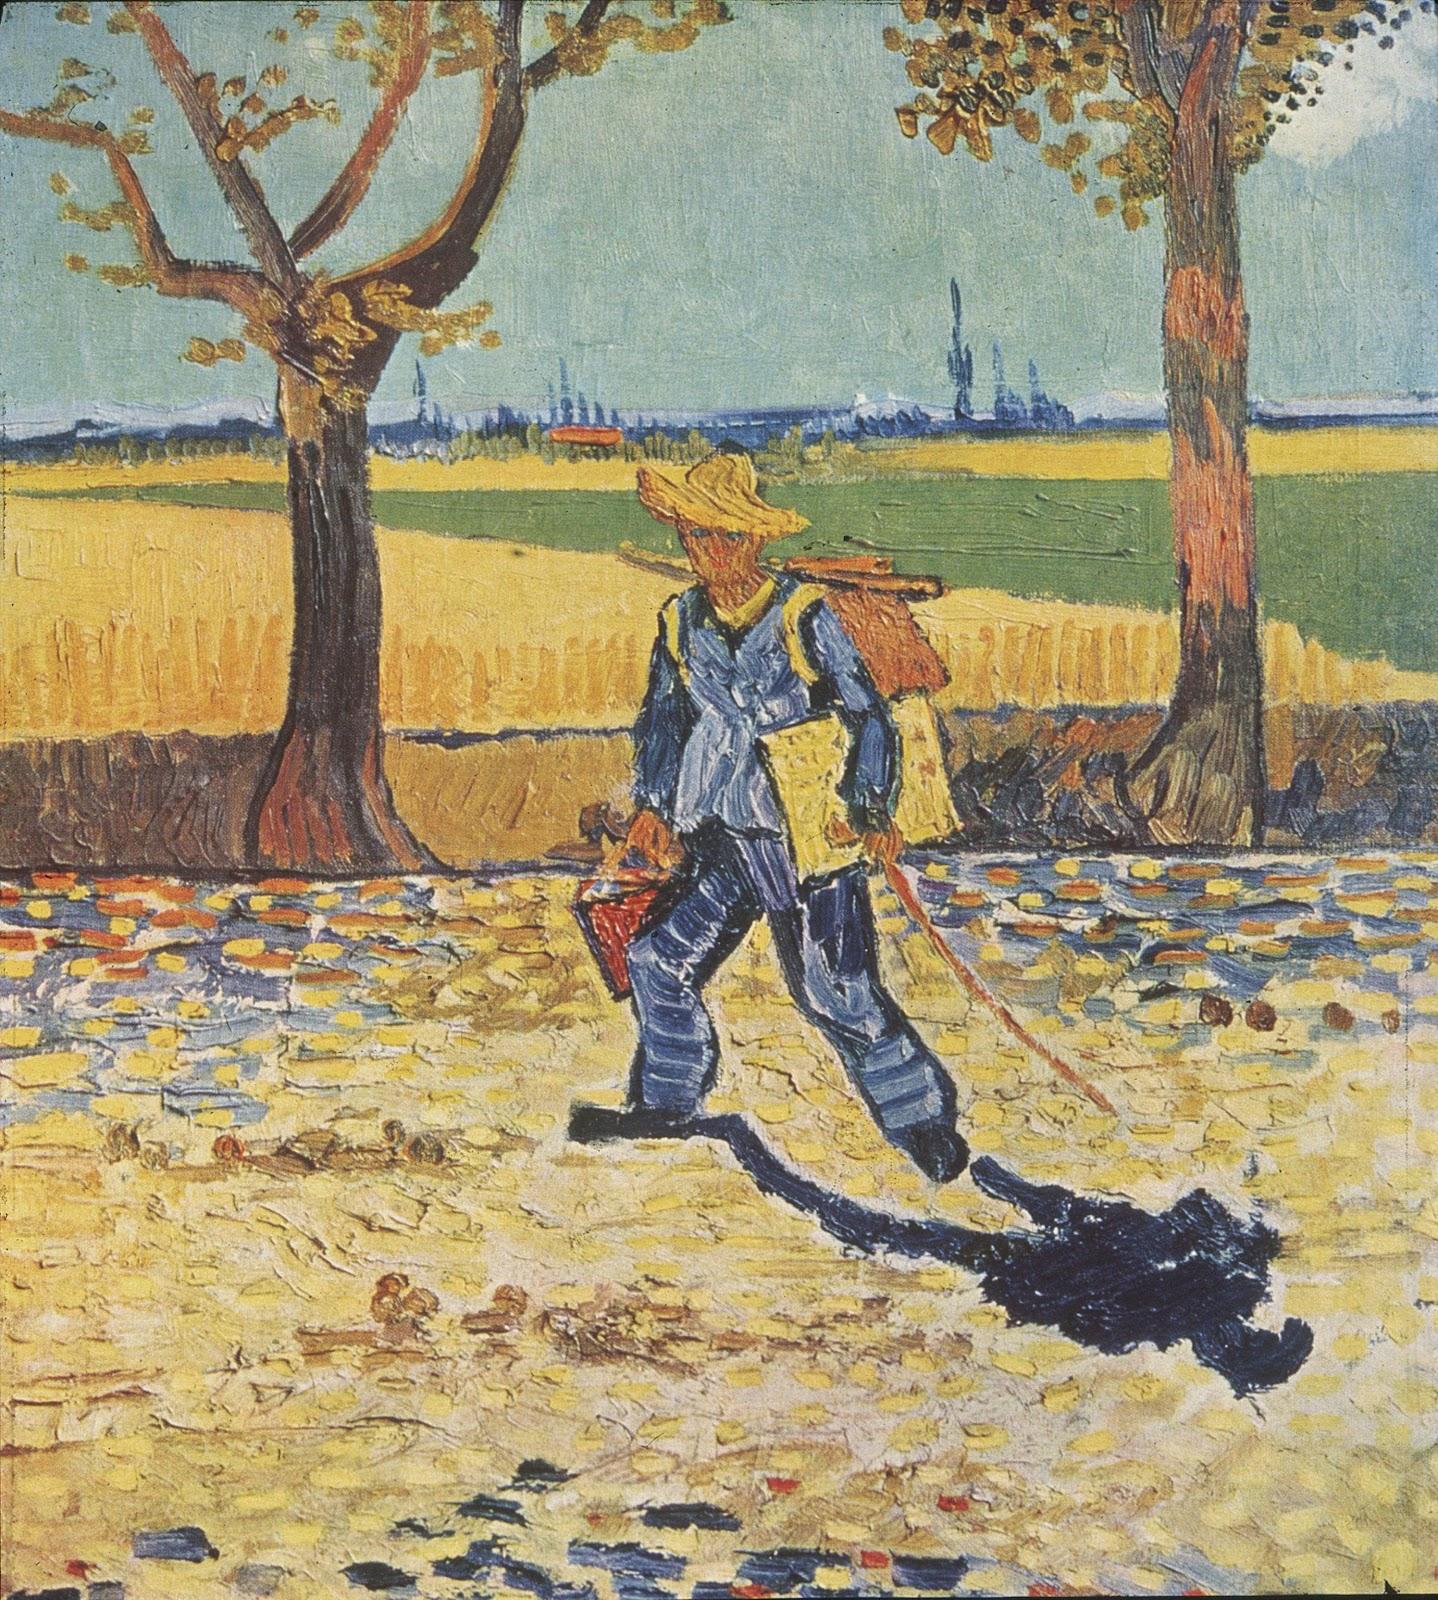 ヴィンセント・ヴァン・ゴッホのタラスコンへの道を行く画家(仕事へ向かう途中の画家)